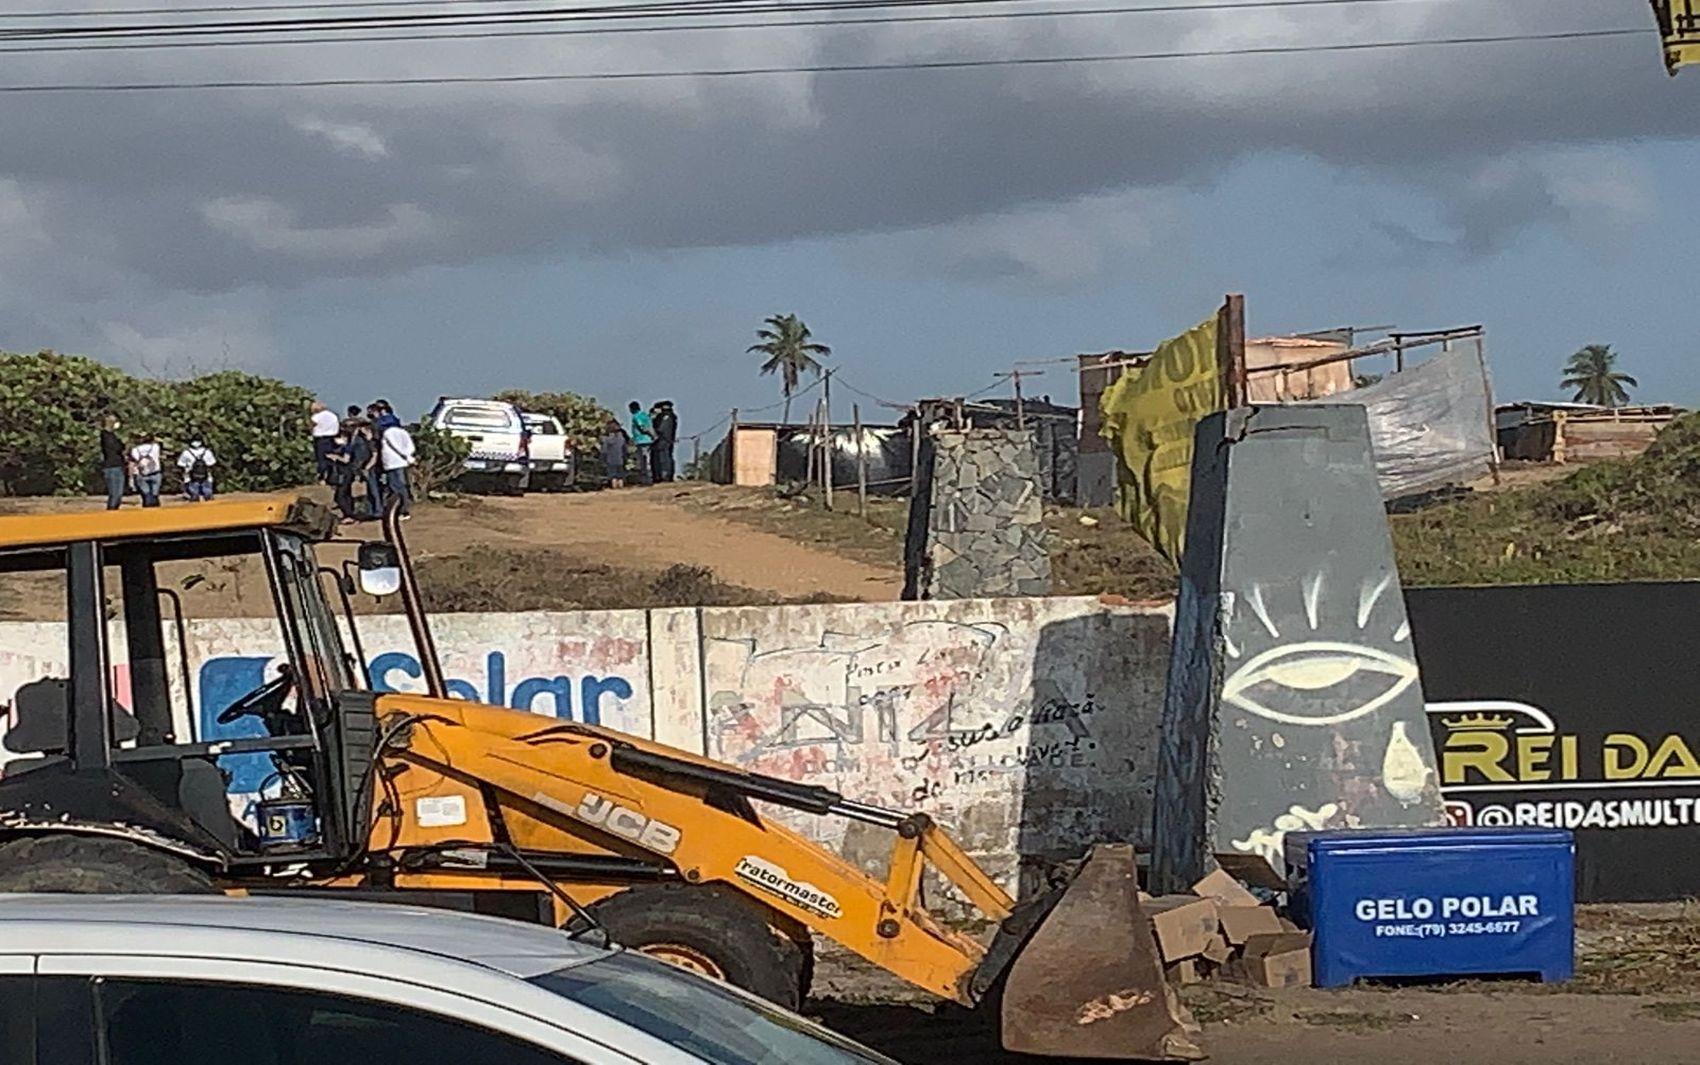 Reintegração de posse ocorre em terreno na Zona de Expansão de Aracaju